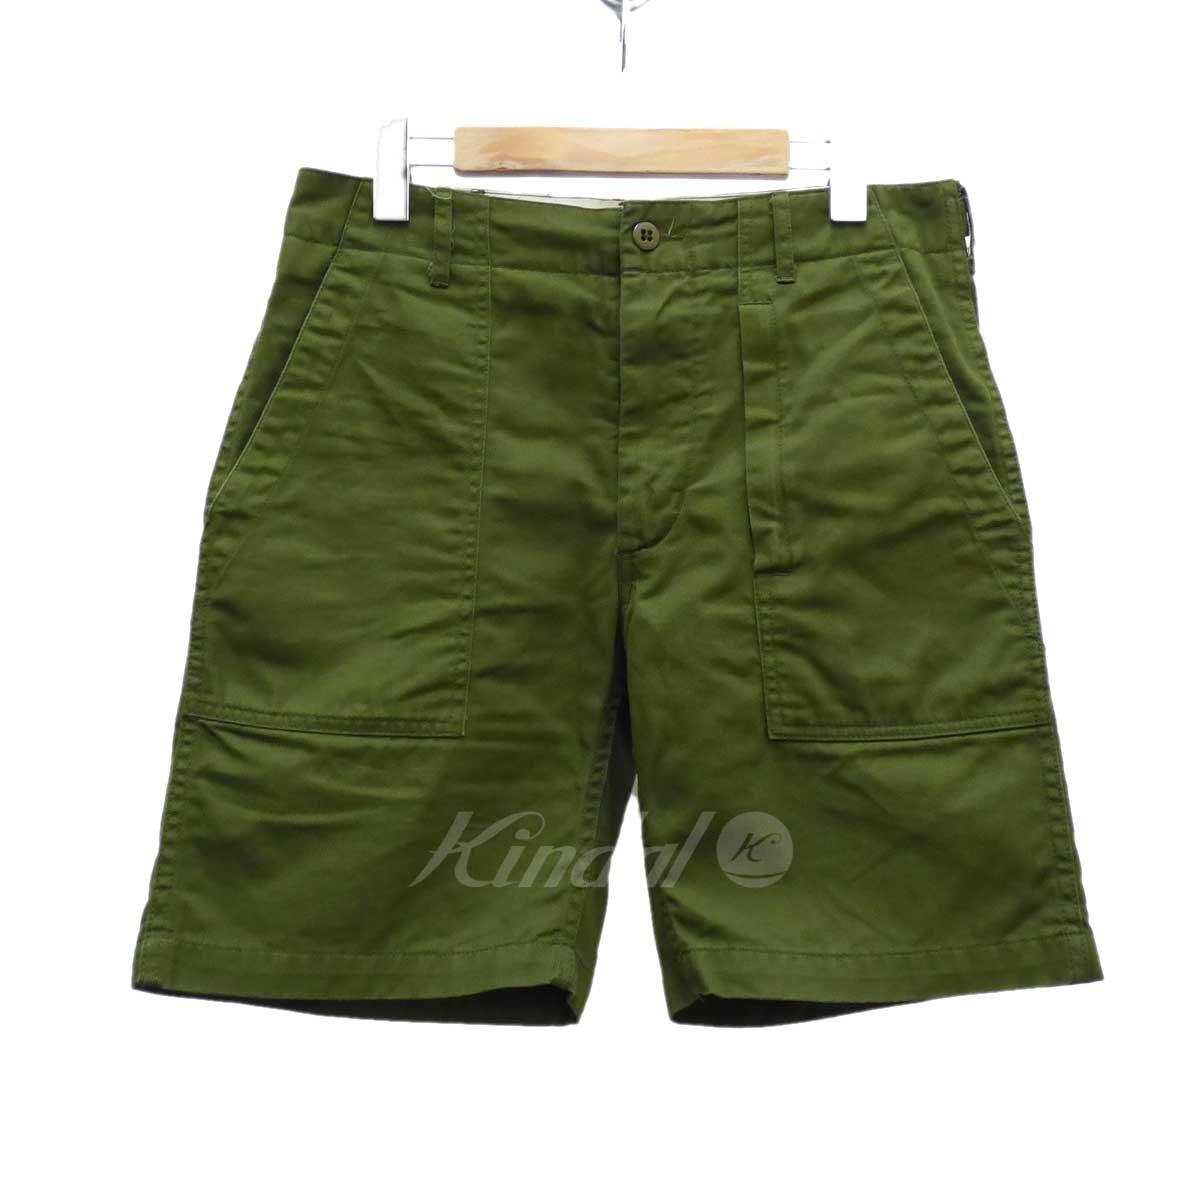 【中古】Engineered Garments Fatigue Short ハーフパンツ オリーブ サイズ:30 【送料無料】 【180618】(エンジニアードガーメンツ)